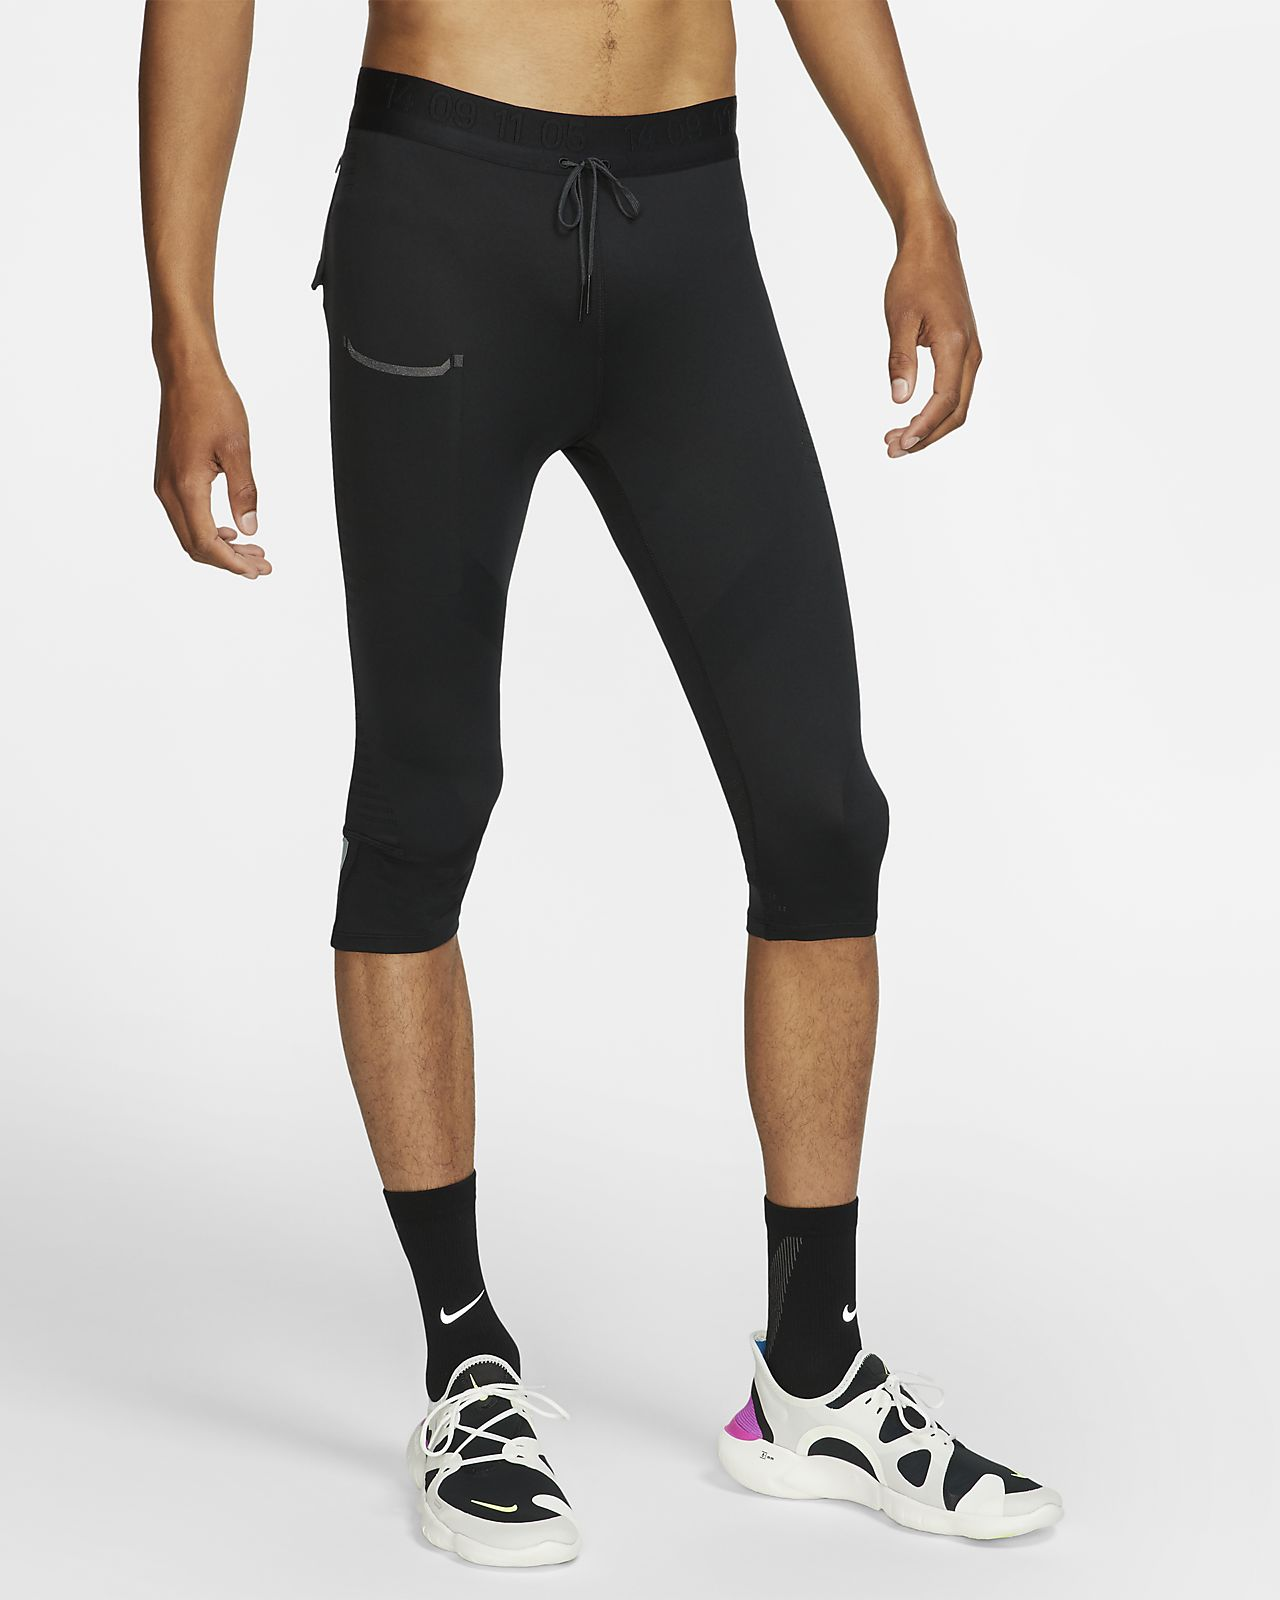 Nike Men's 3/4 Running Tights